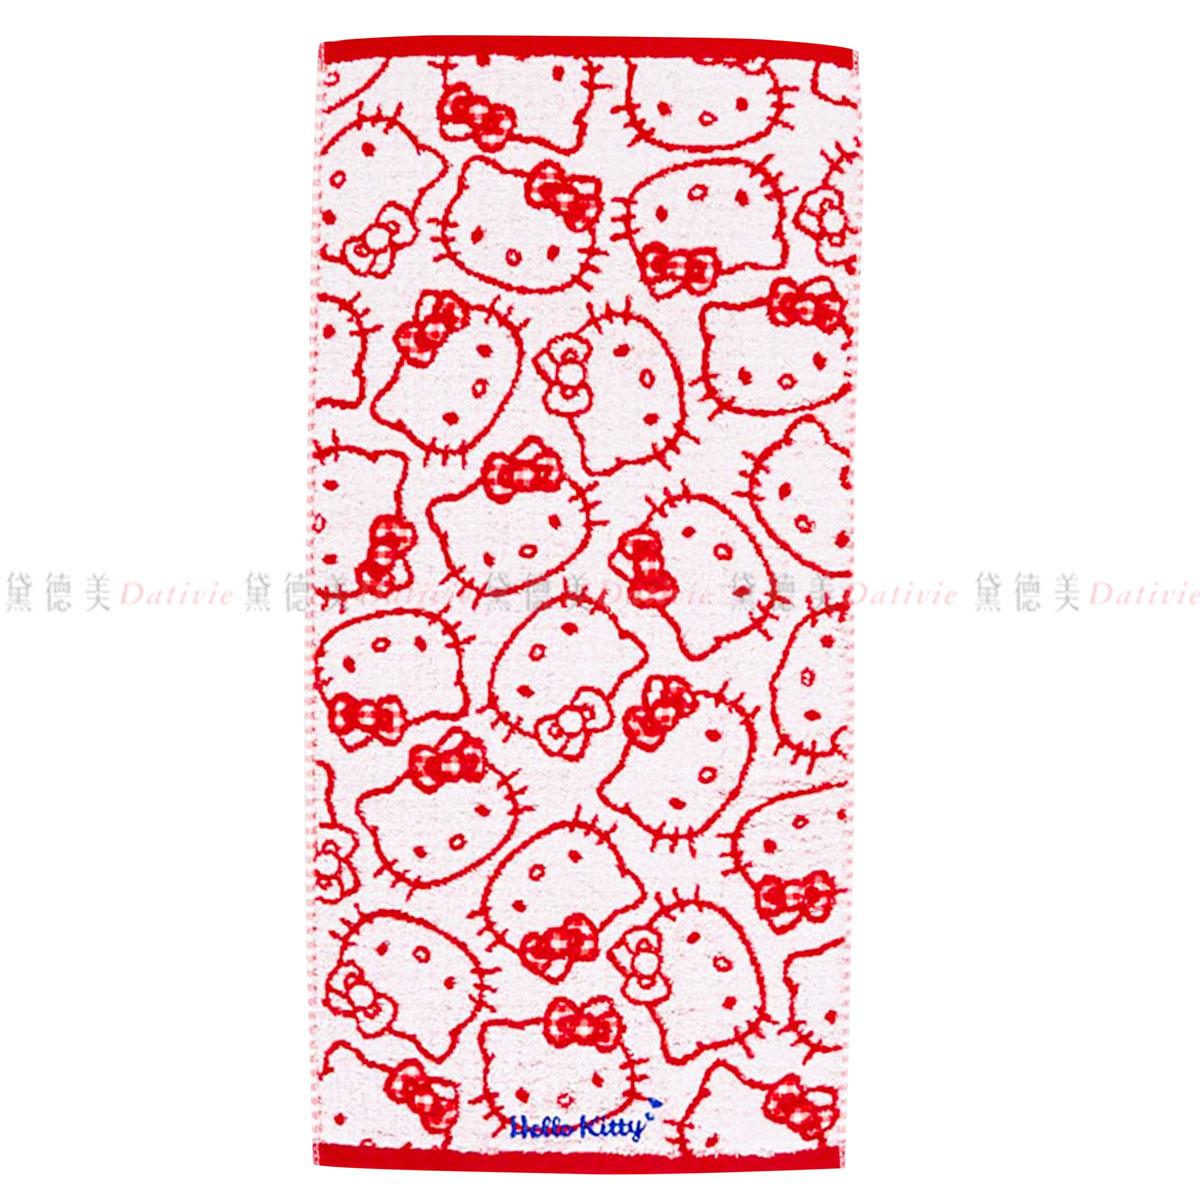 純棉毛巾34x70cm 凱蒂貓 HELLO KITTY 三麗鷗 Sanrio Original  日本進口正版授權